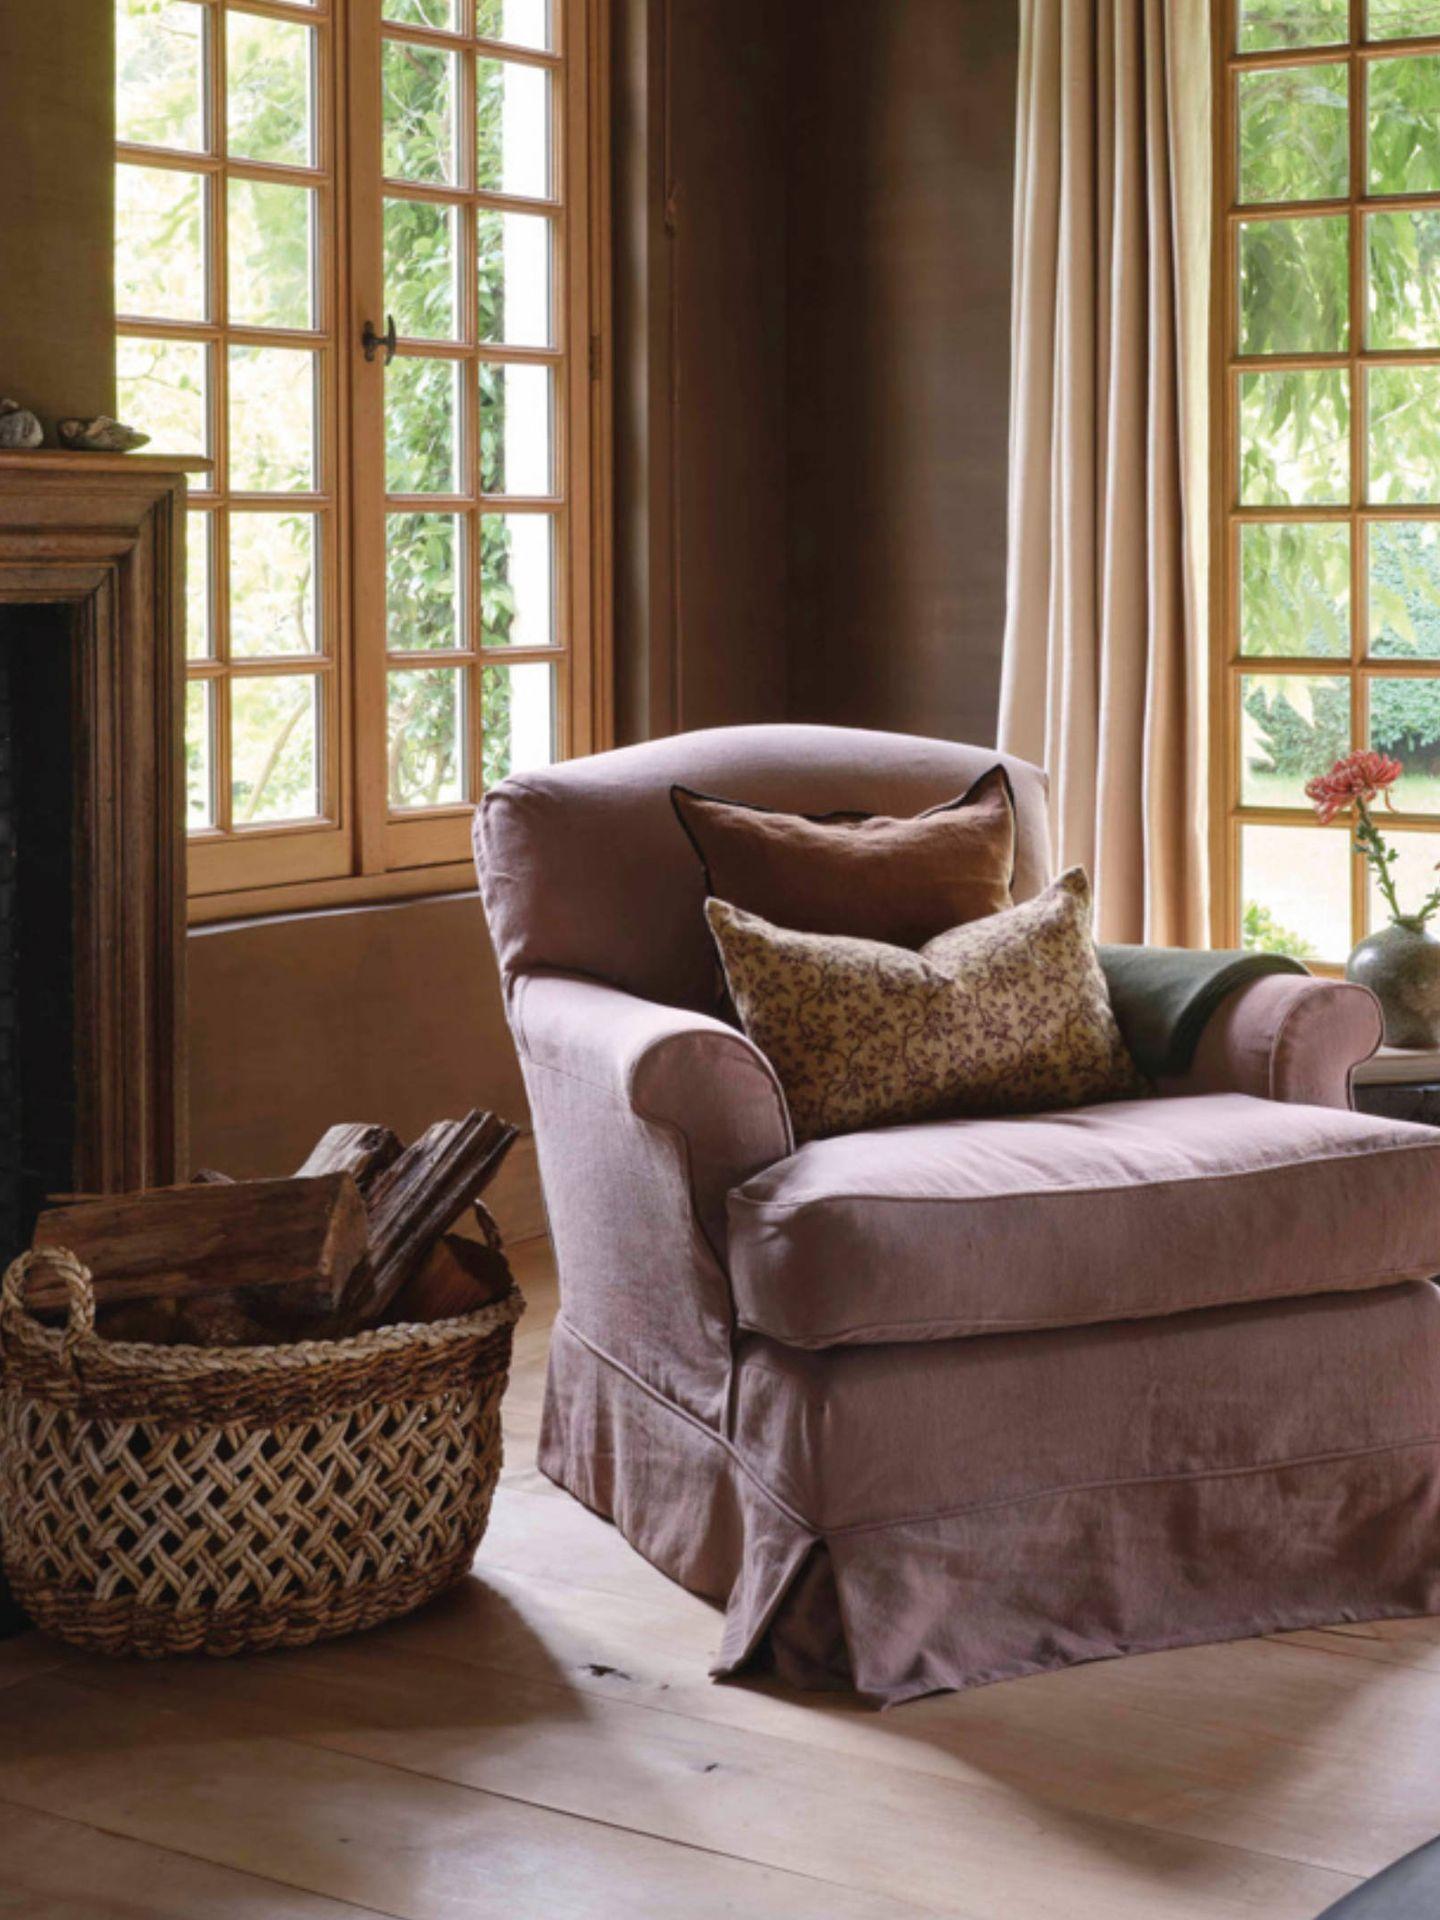 Estas cestas de Zara Home son perfectas para la decoración de tu salón. (Instagram @zarahome)